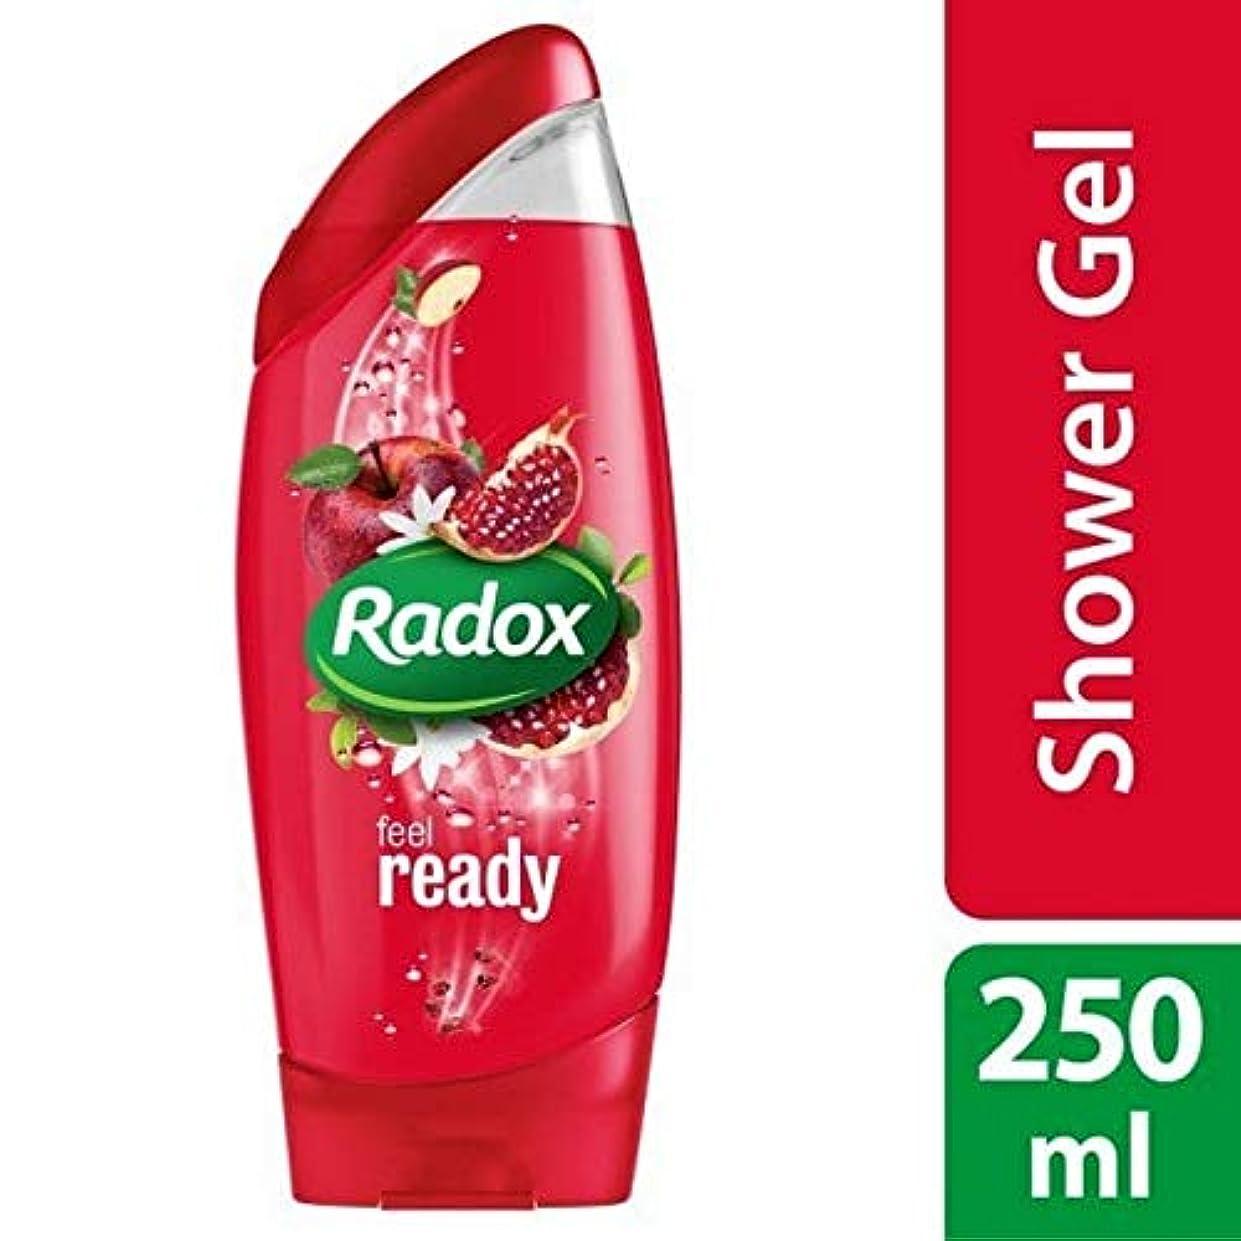 高原端末マニアック[Radox] Radoxは準備ができてシャワージェル250ミリリットルを感じます - Radox Feel Ready Shower Gel 250ml [並行輸入品]